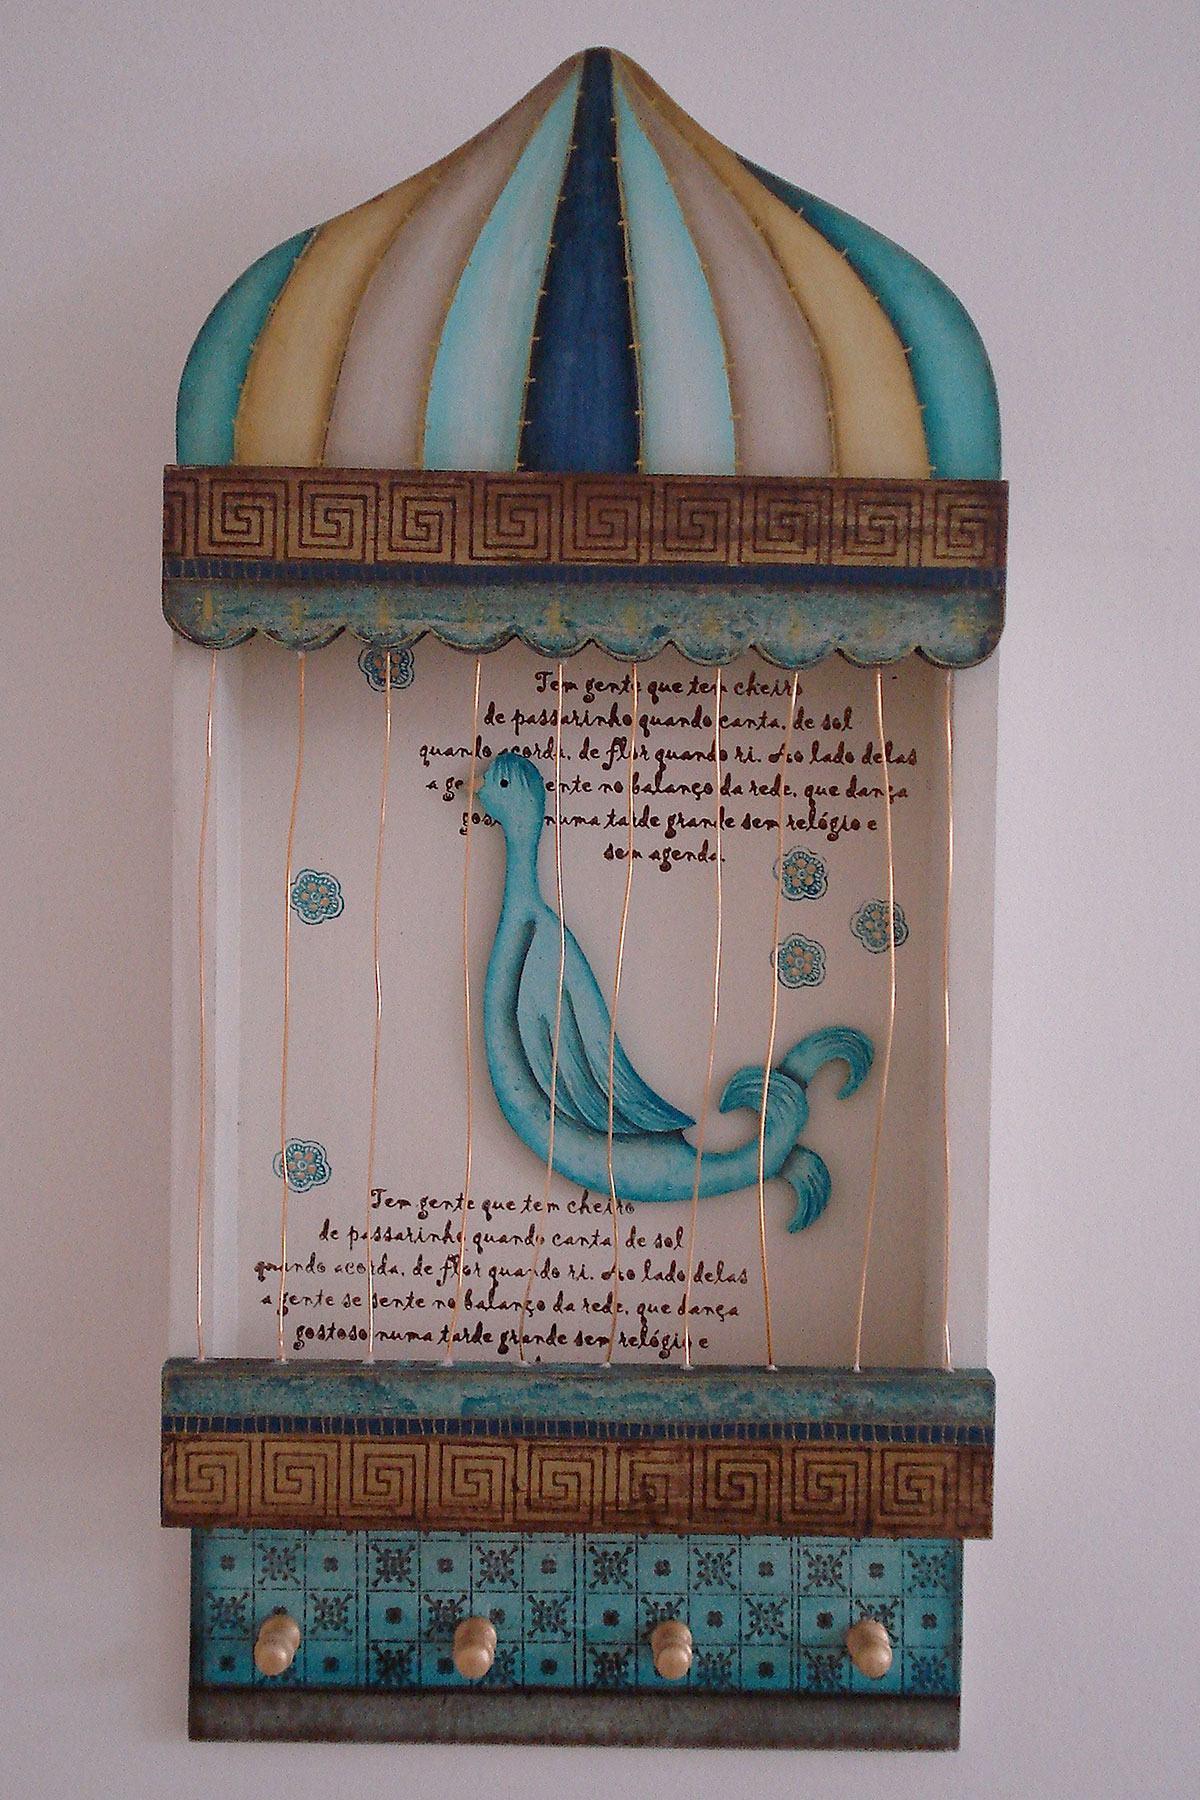 Gaiola decorativa para a parede com pintura, mensagem e grades de cobre